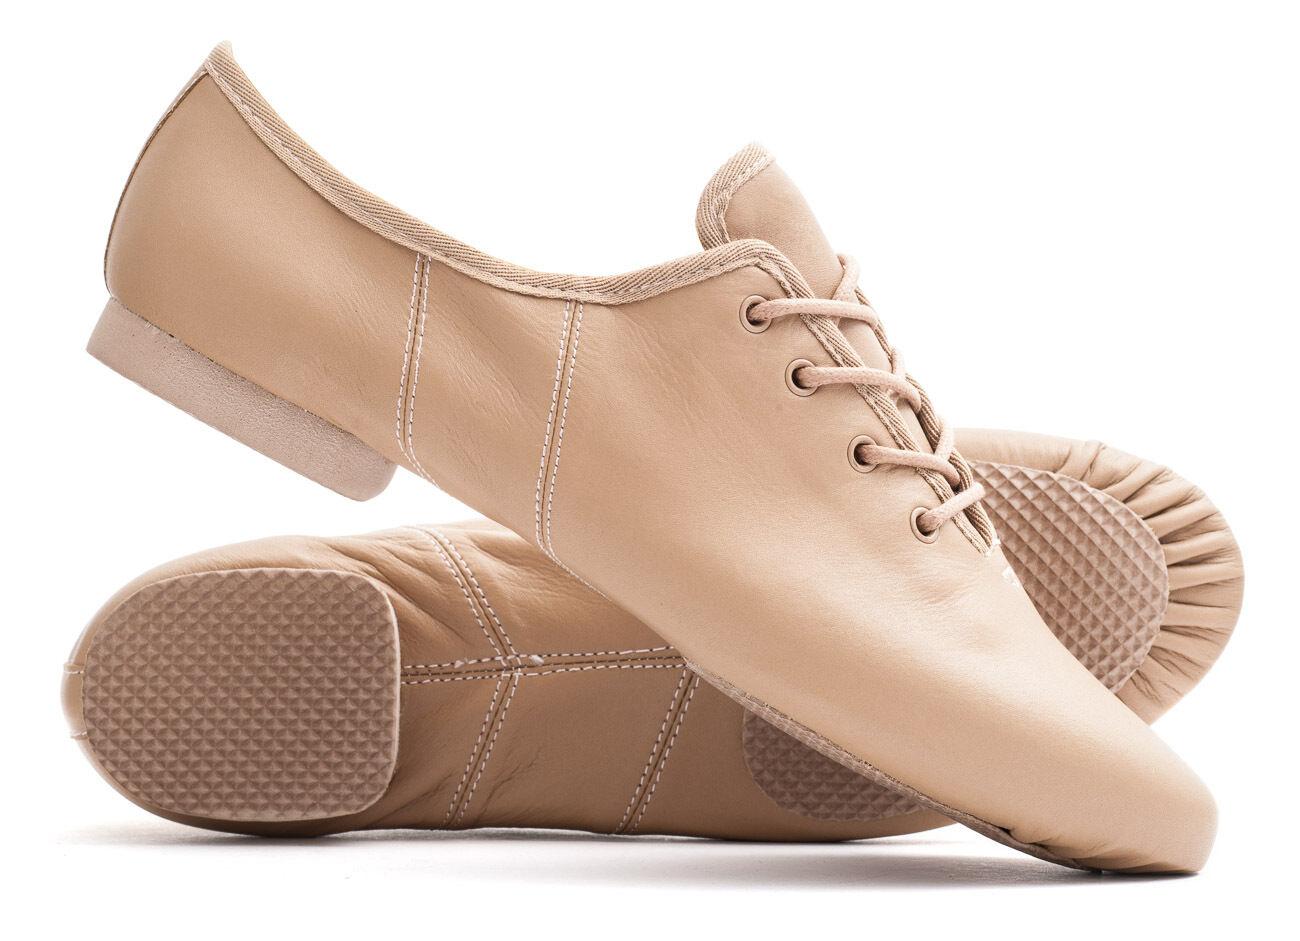 Tan, Black Or White PU Lace Up Rubber Split Sole Jazz Dance Practice Shoes Katz